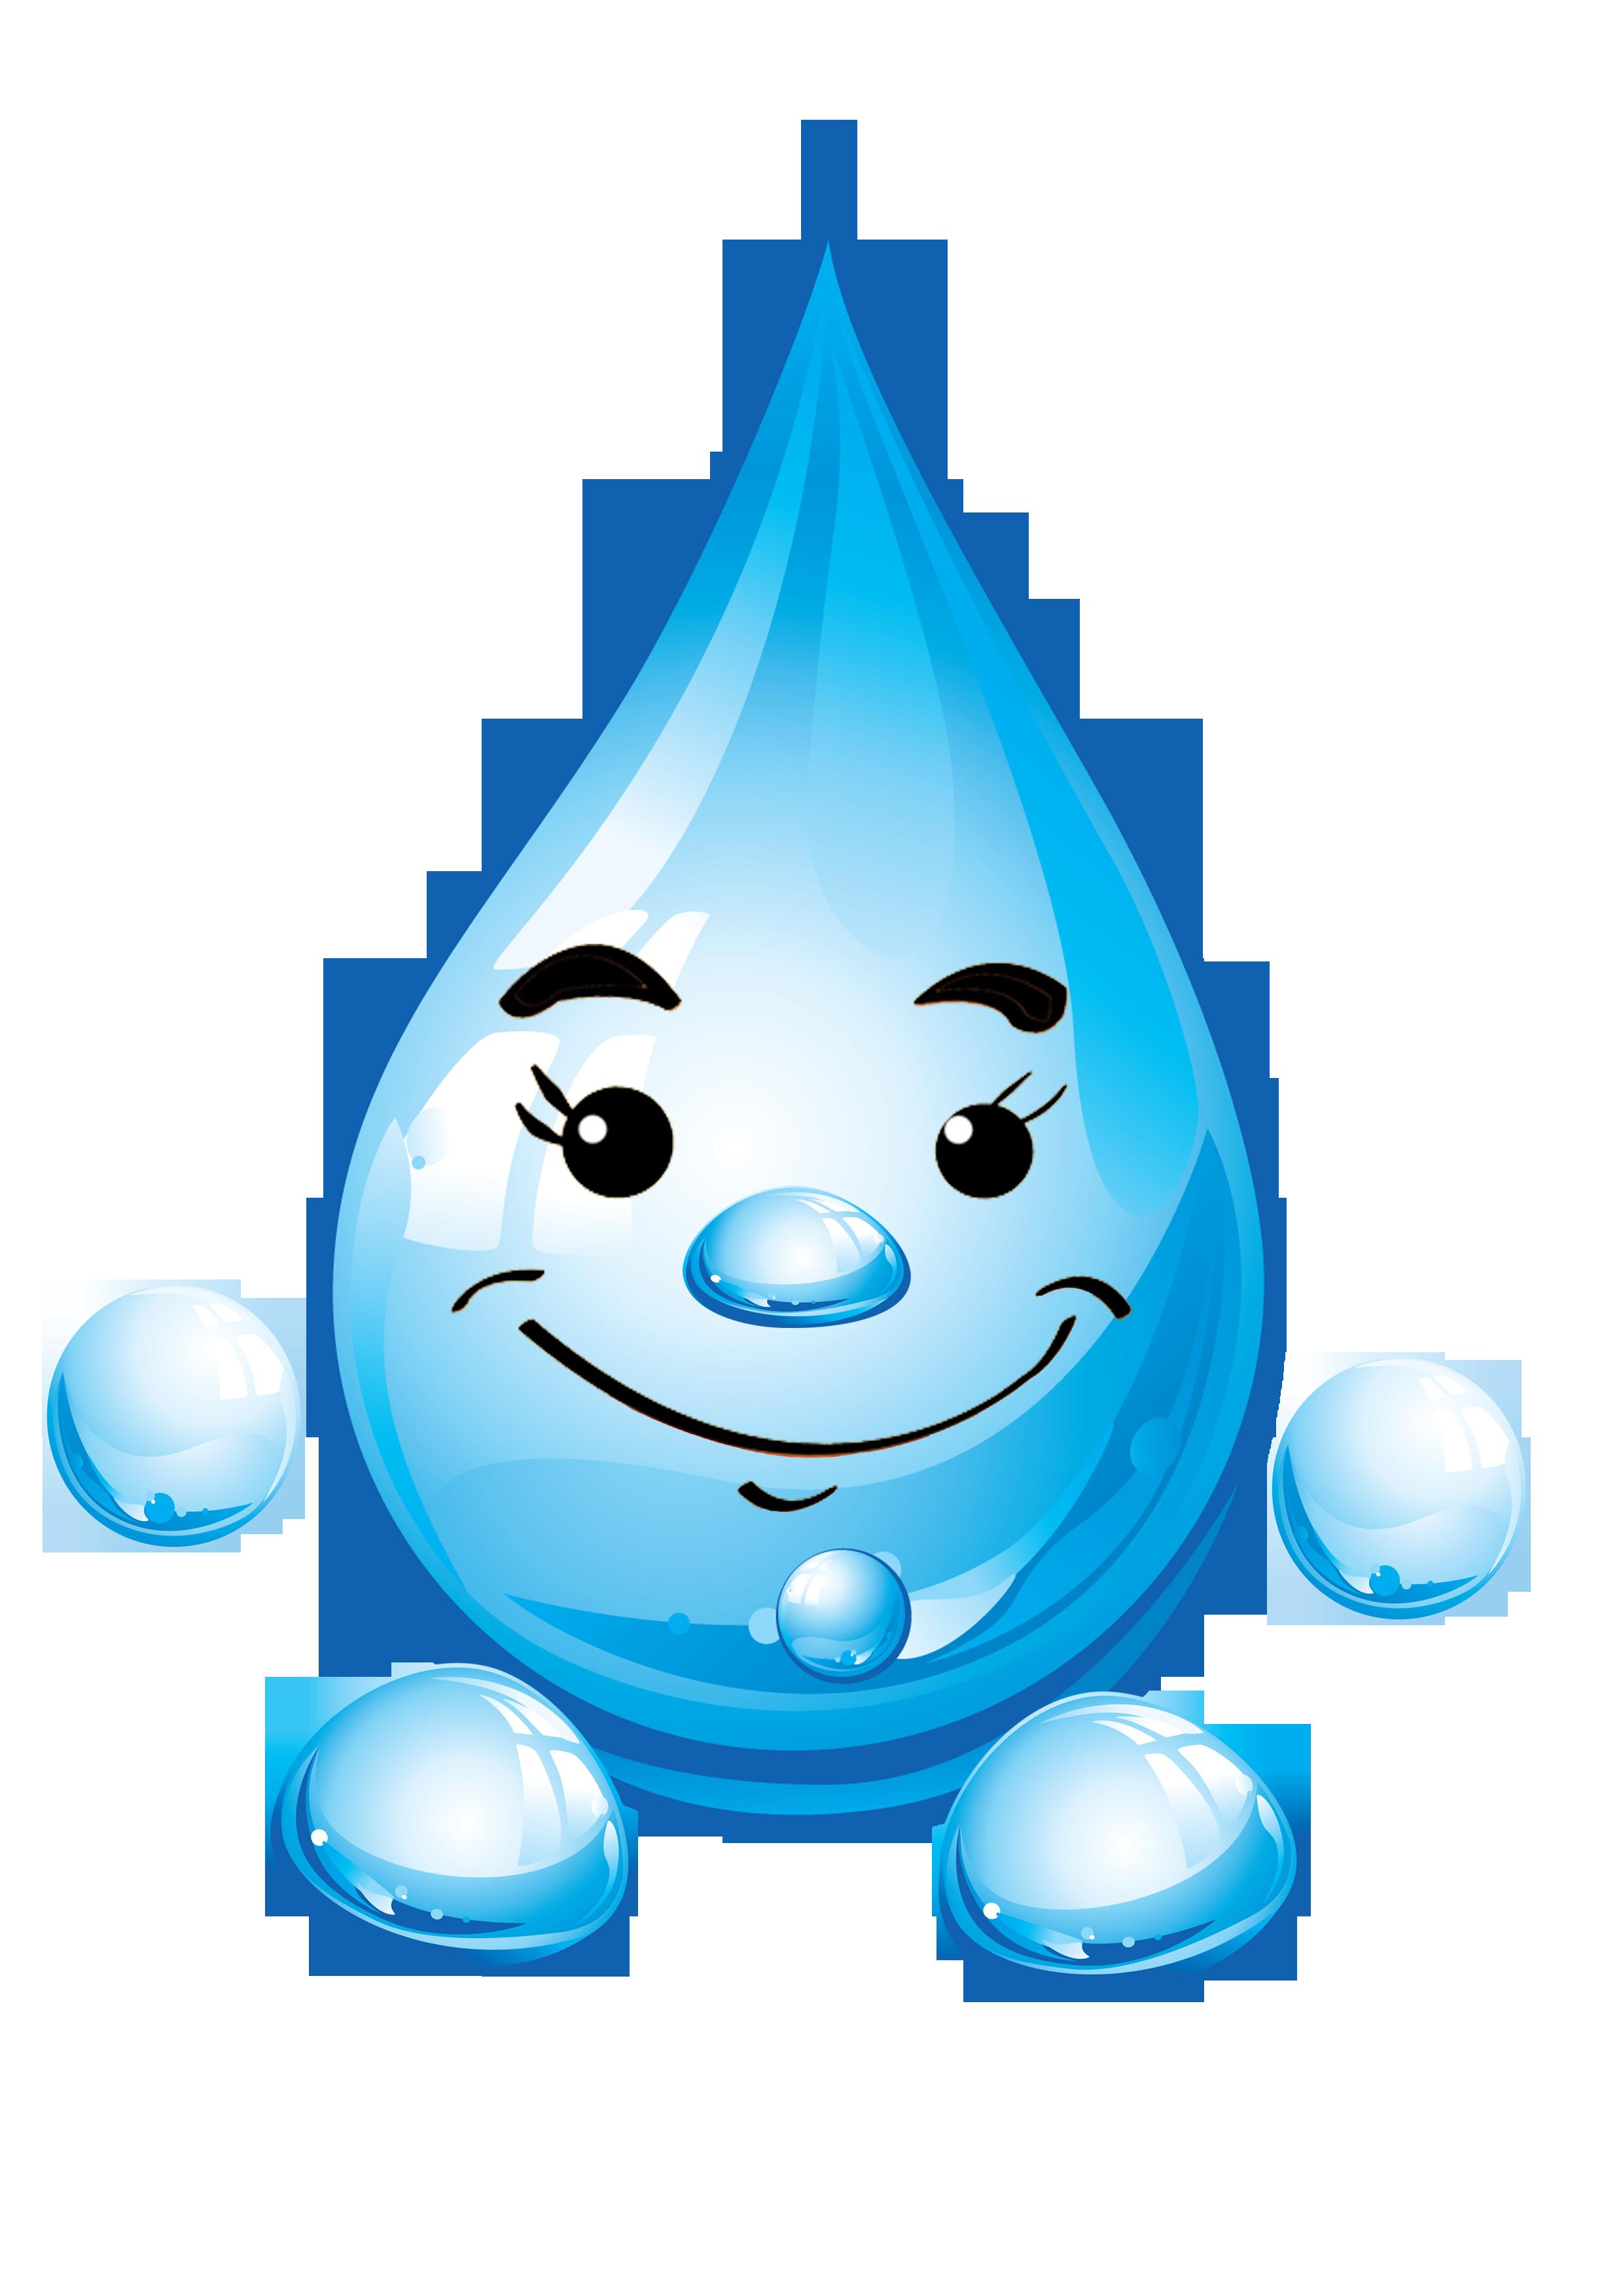 Деионизованная вода очищенная чистая и ультрачистая вода